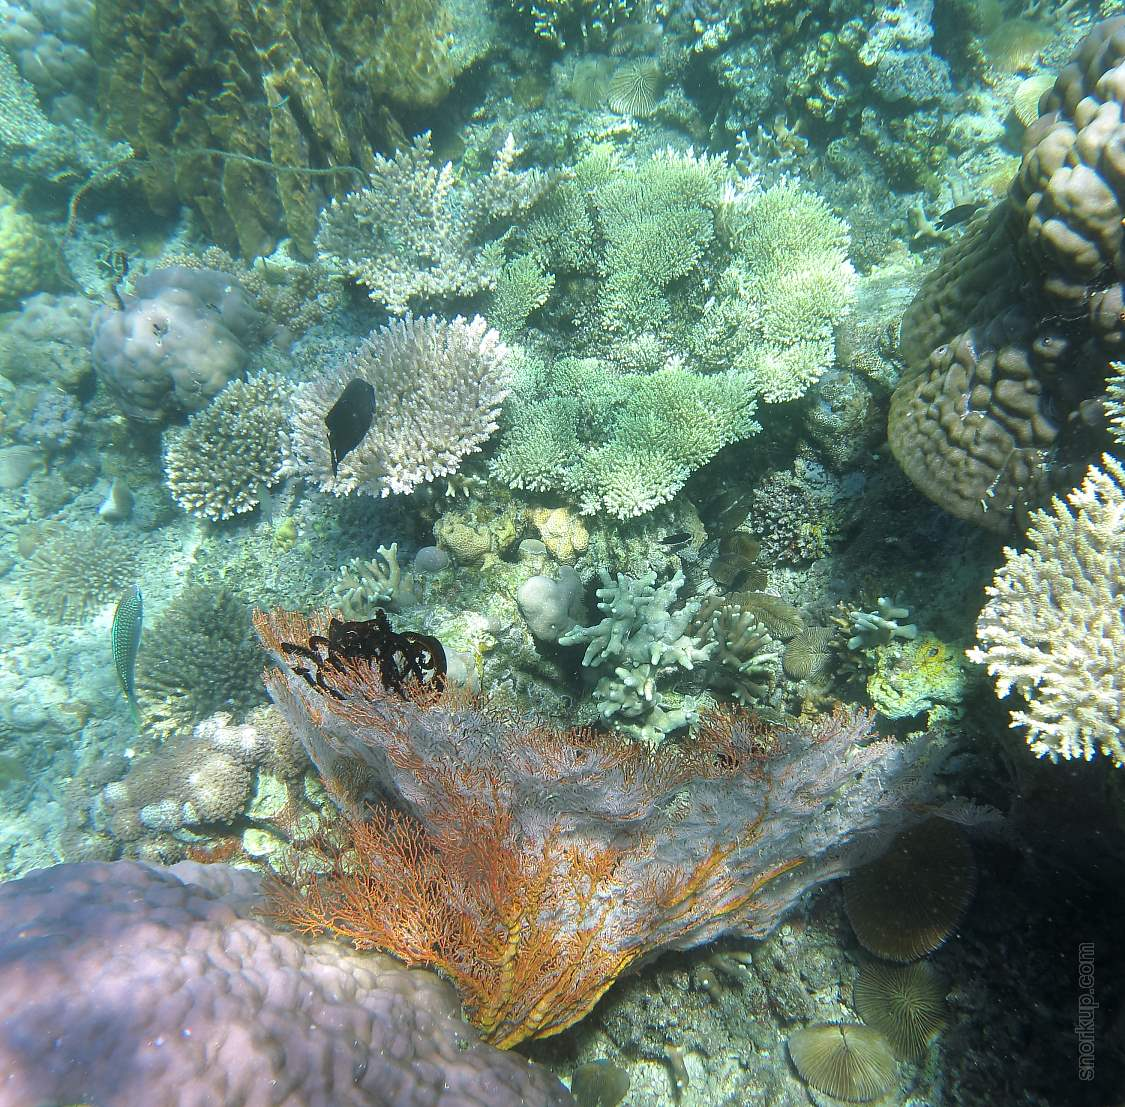 Горгонария или Морской веер